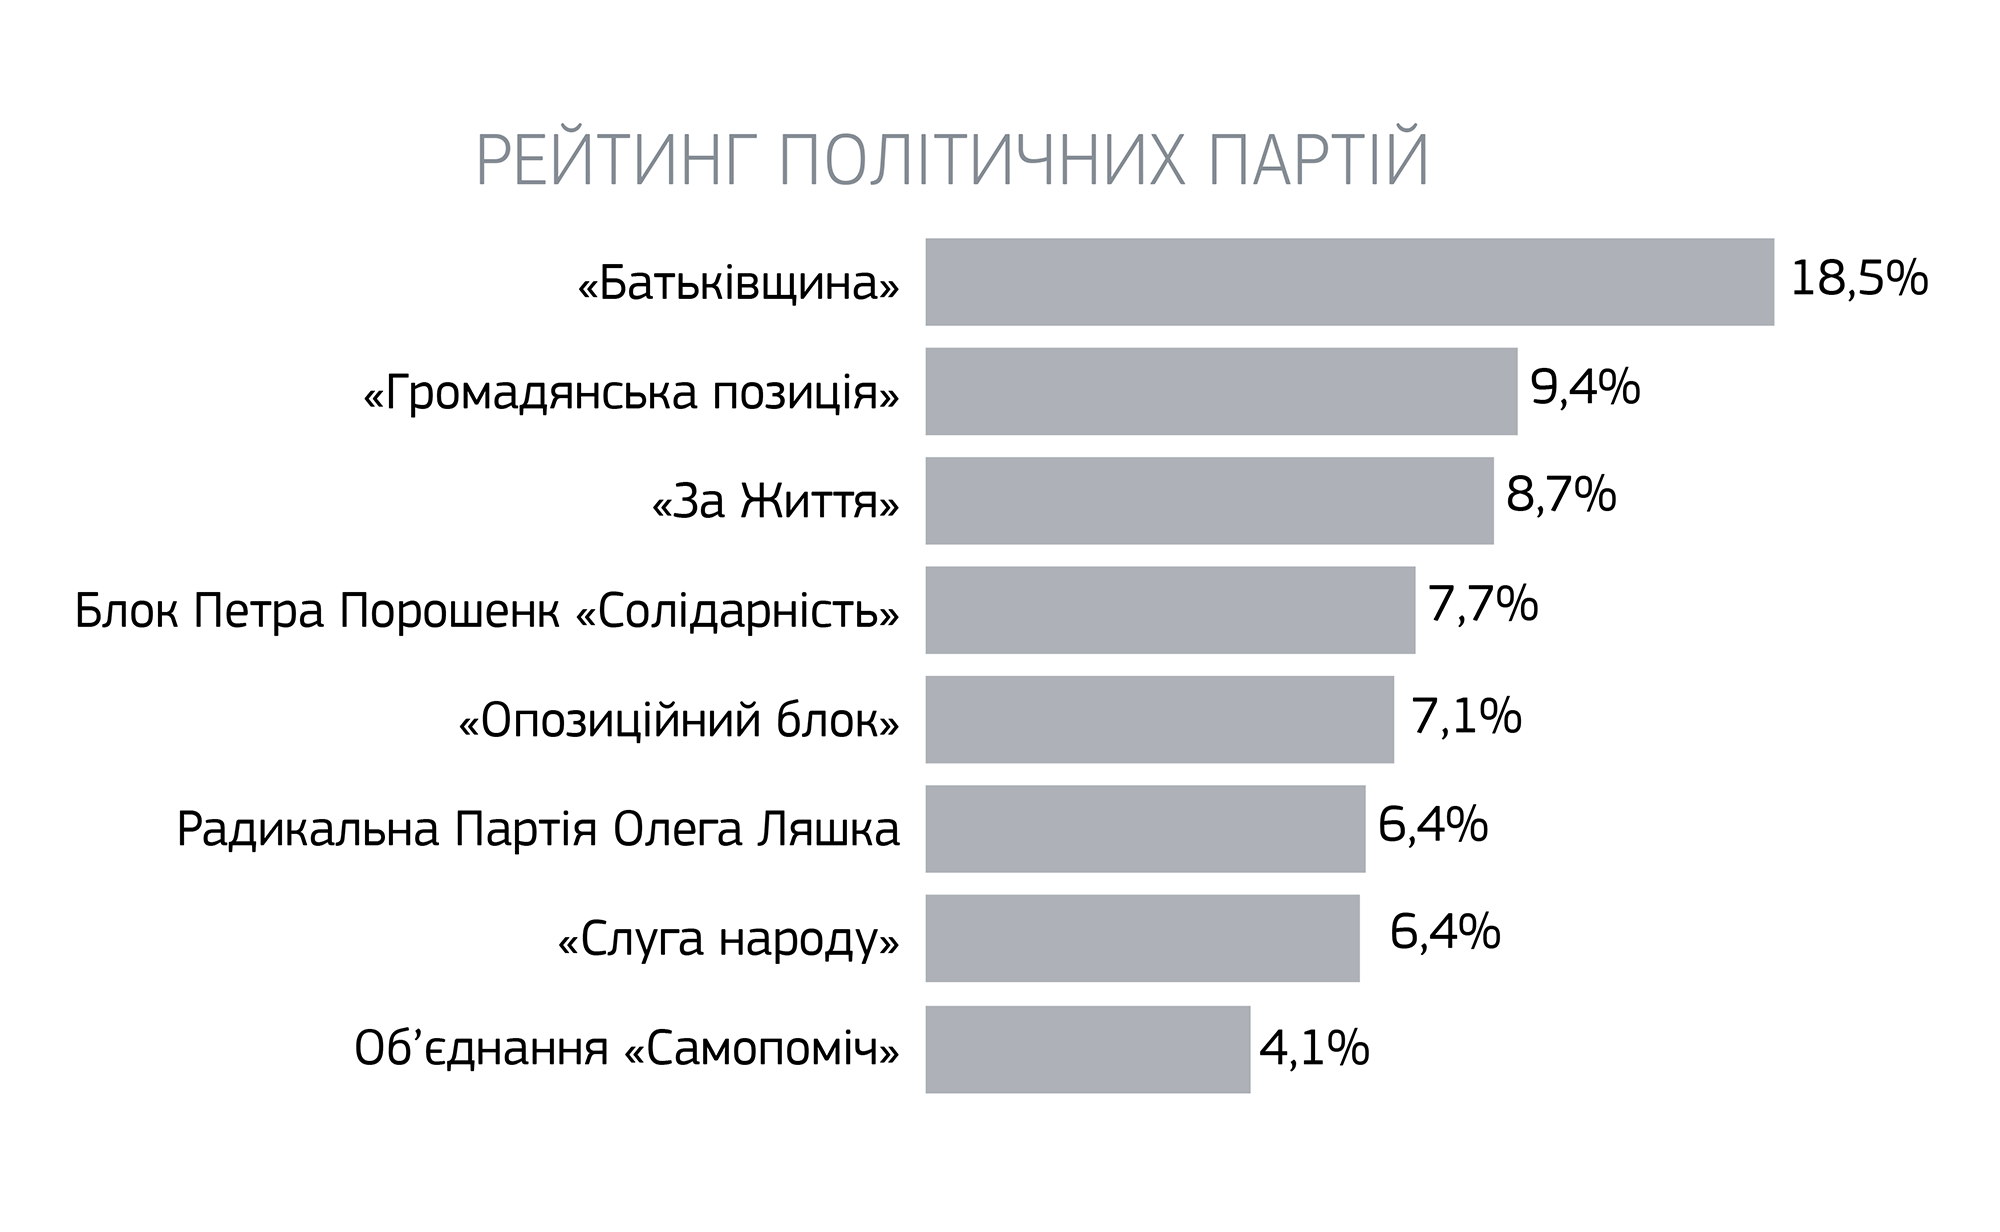 Соціологи оприлюднили ще один рейтинг учасників президентських перегонів-2019